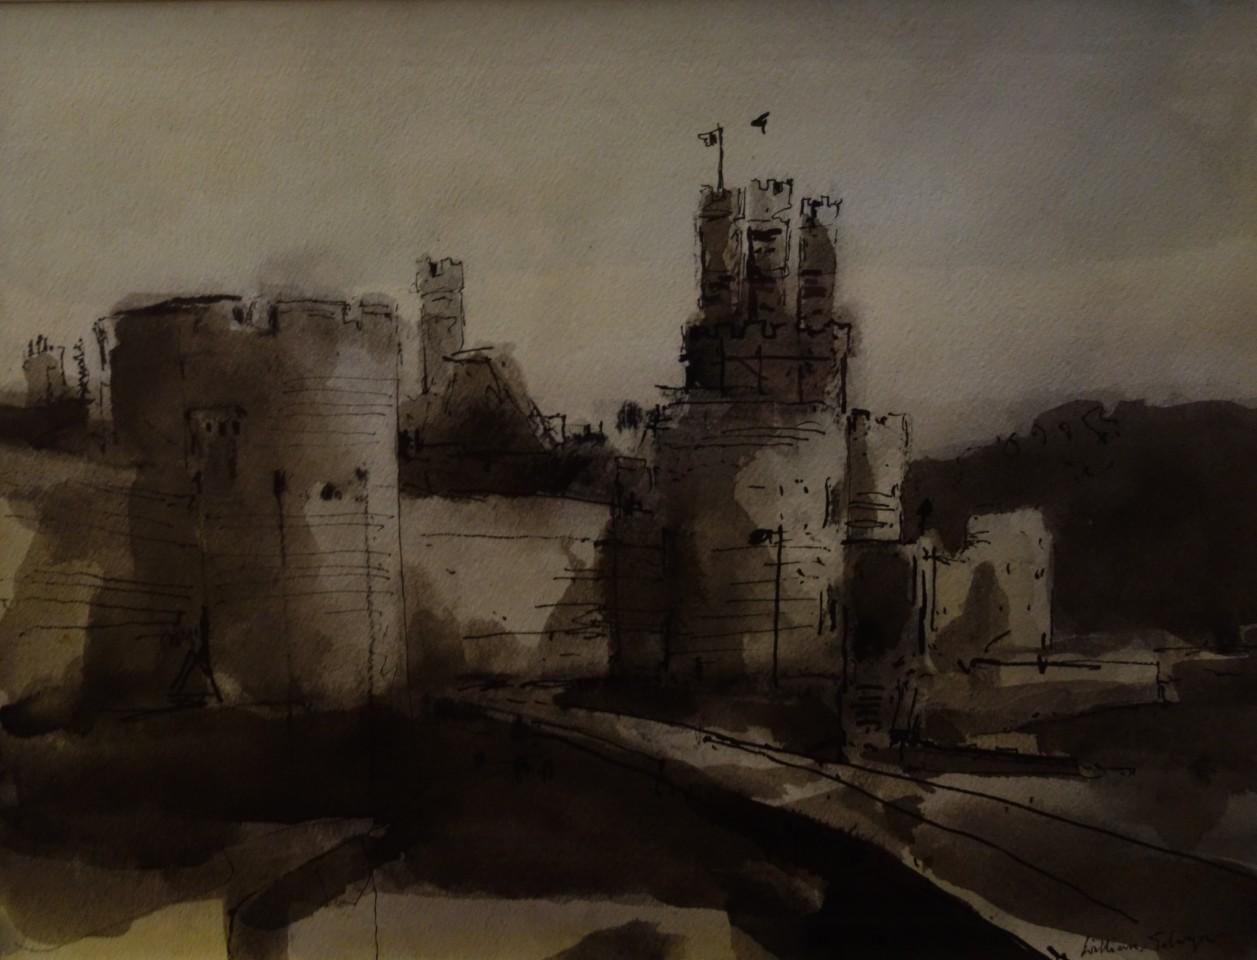 William Selwyn, Caernarfon Town Walls